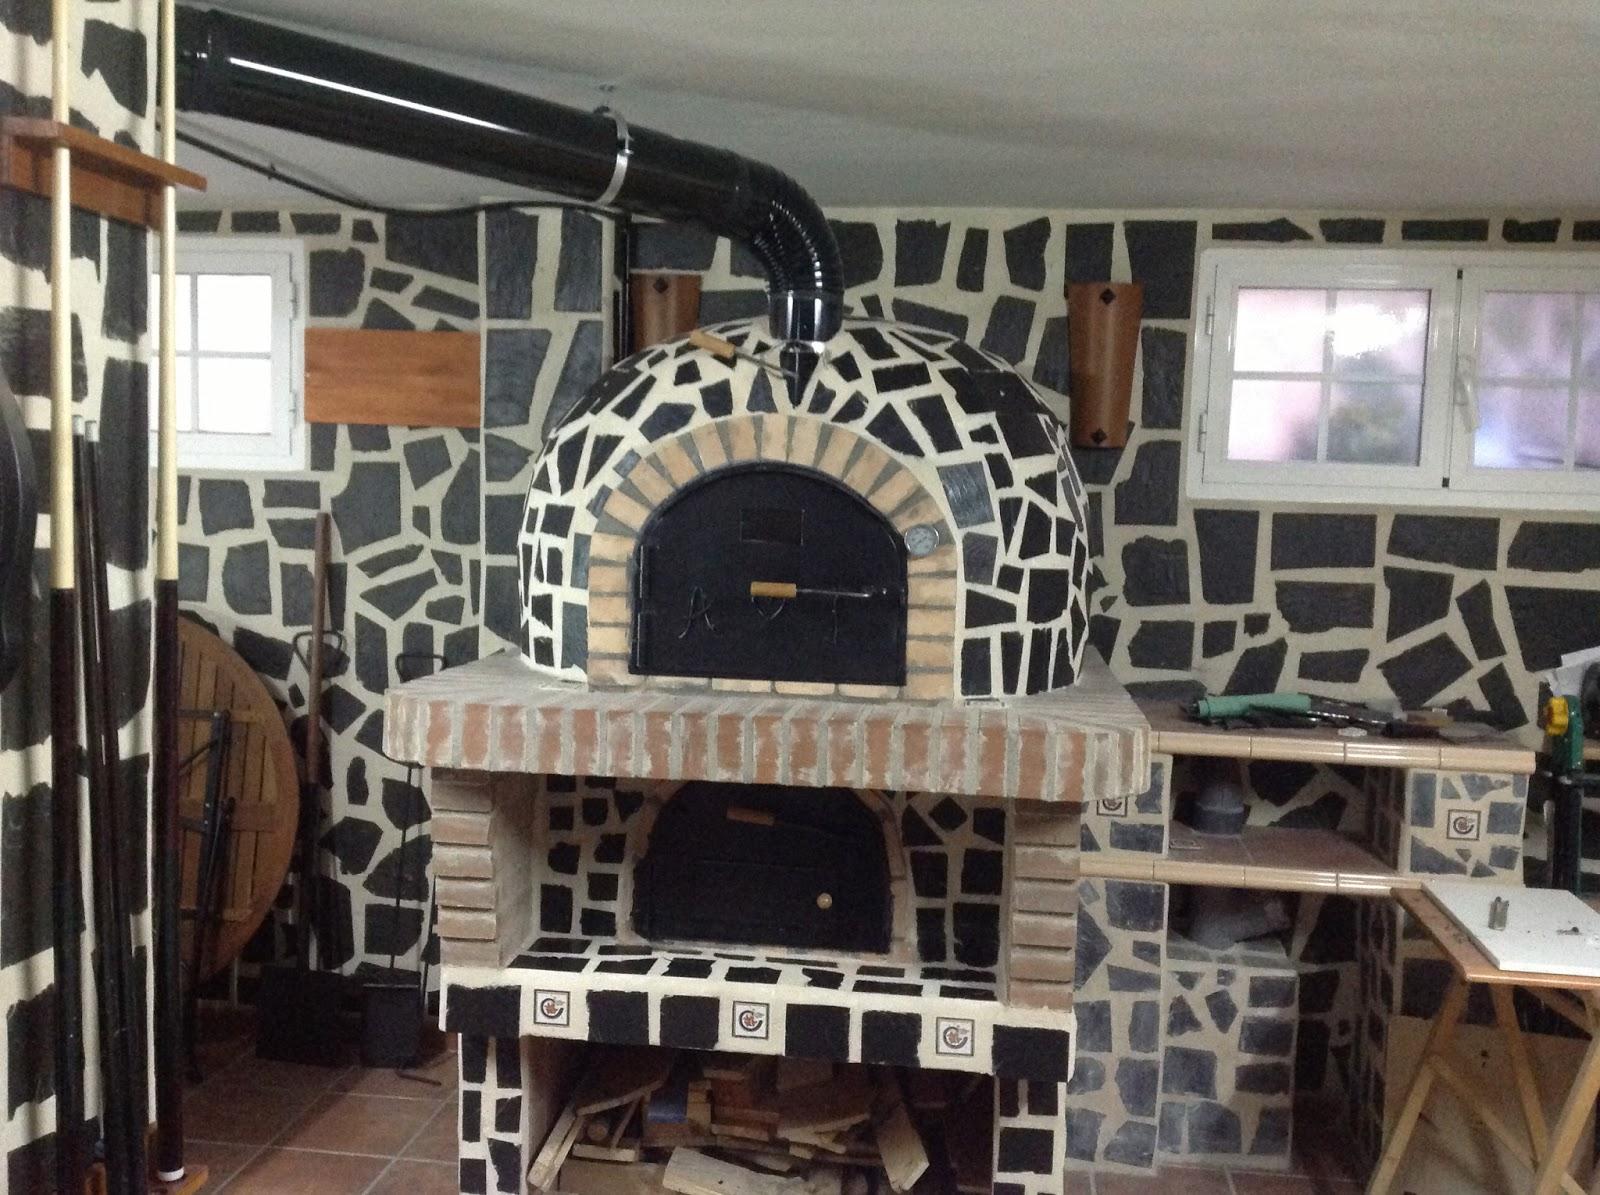 Construir Horno De Lea Como Construir Horno De Lea Fabulous - Como-construir-un-horno-de-lea